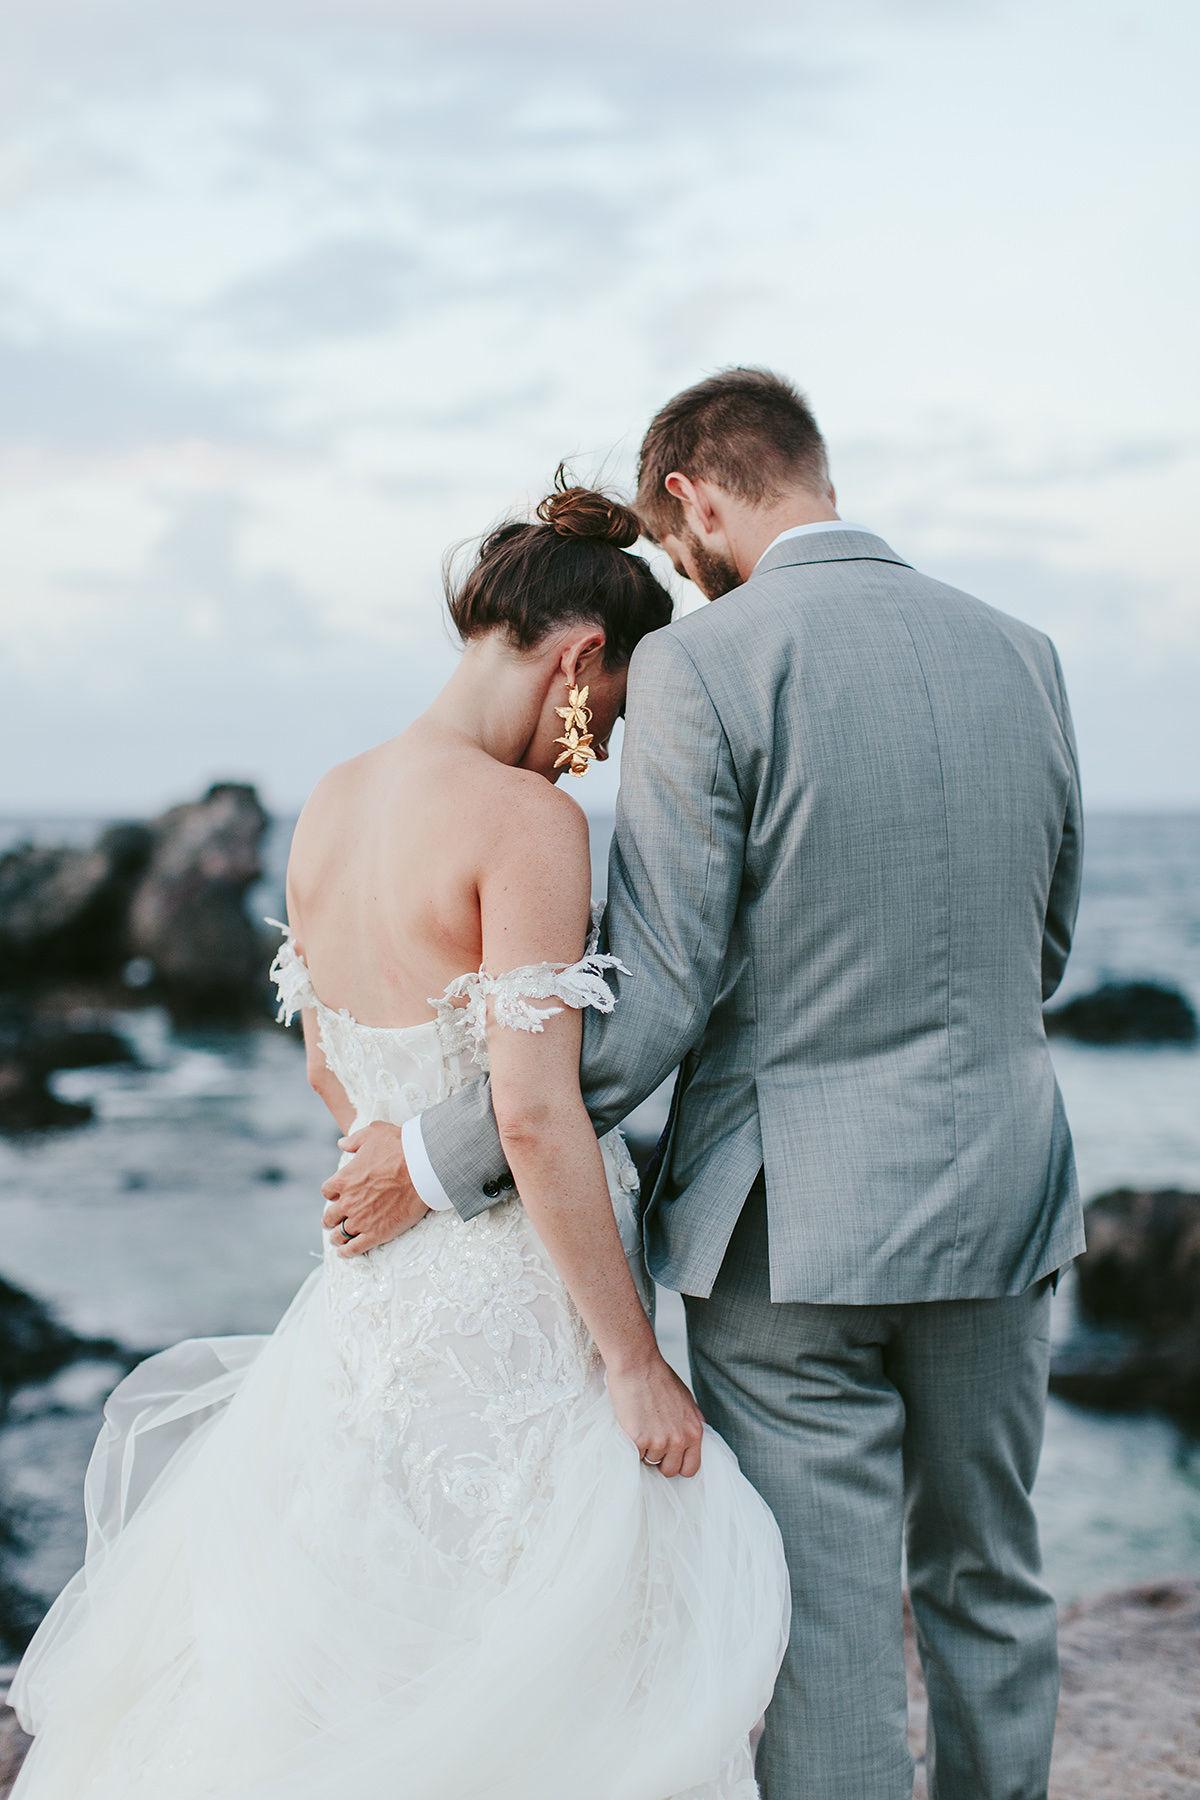 the backs of a bride and groom near the Maui ocean